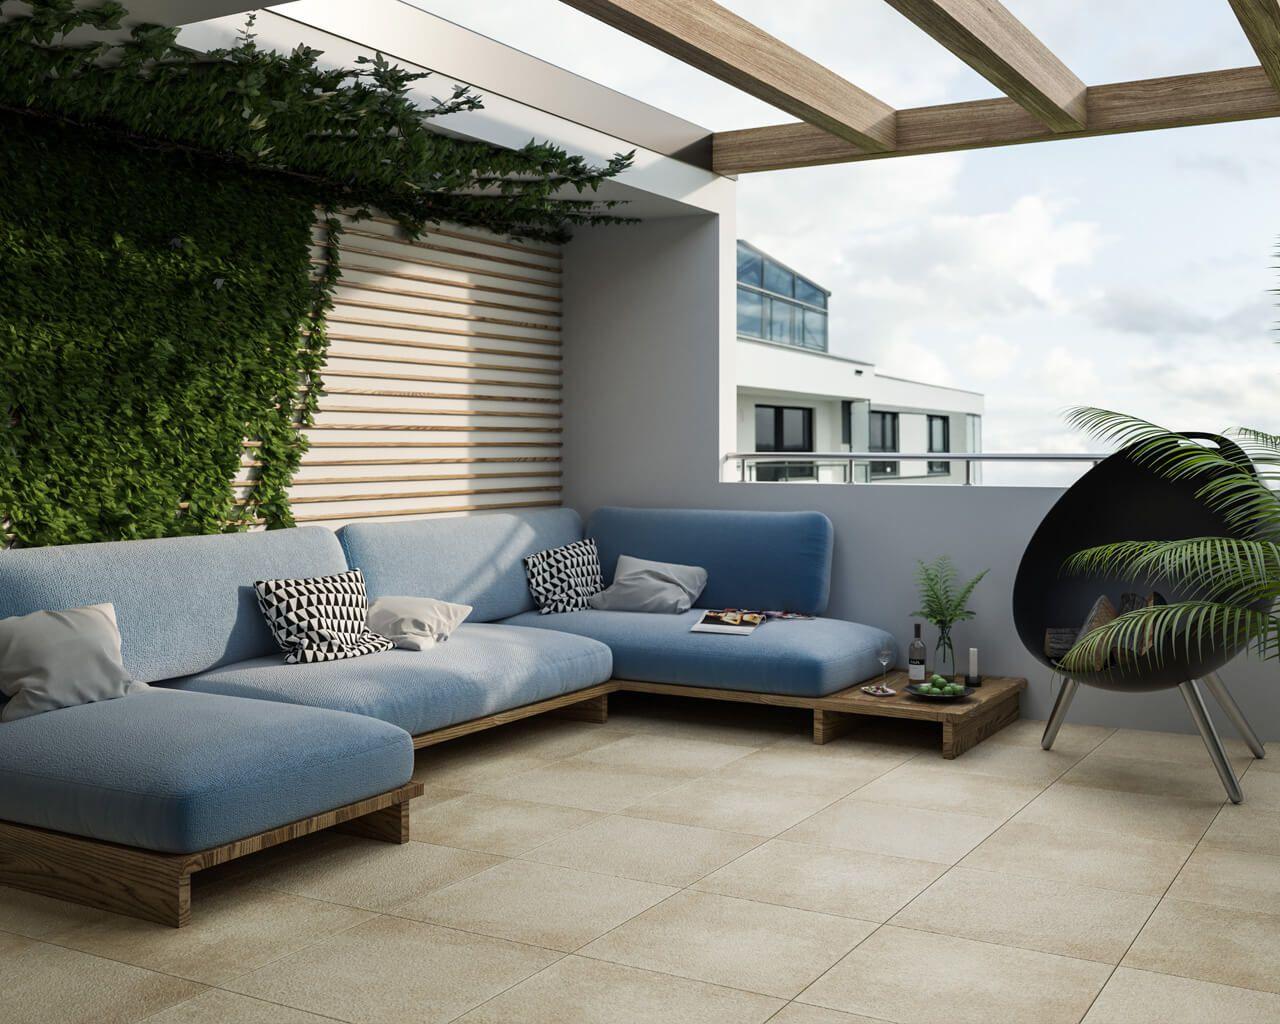 Terrace Płyty Tarasowe 20 Idealne Do Zastosowania